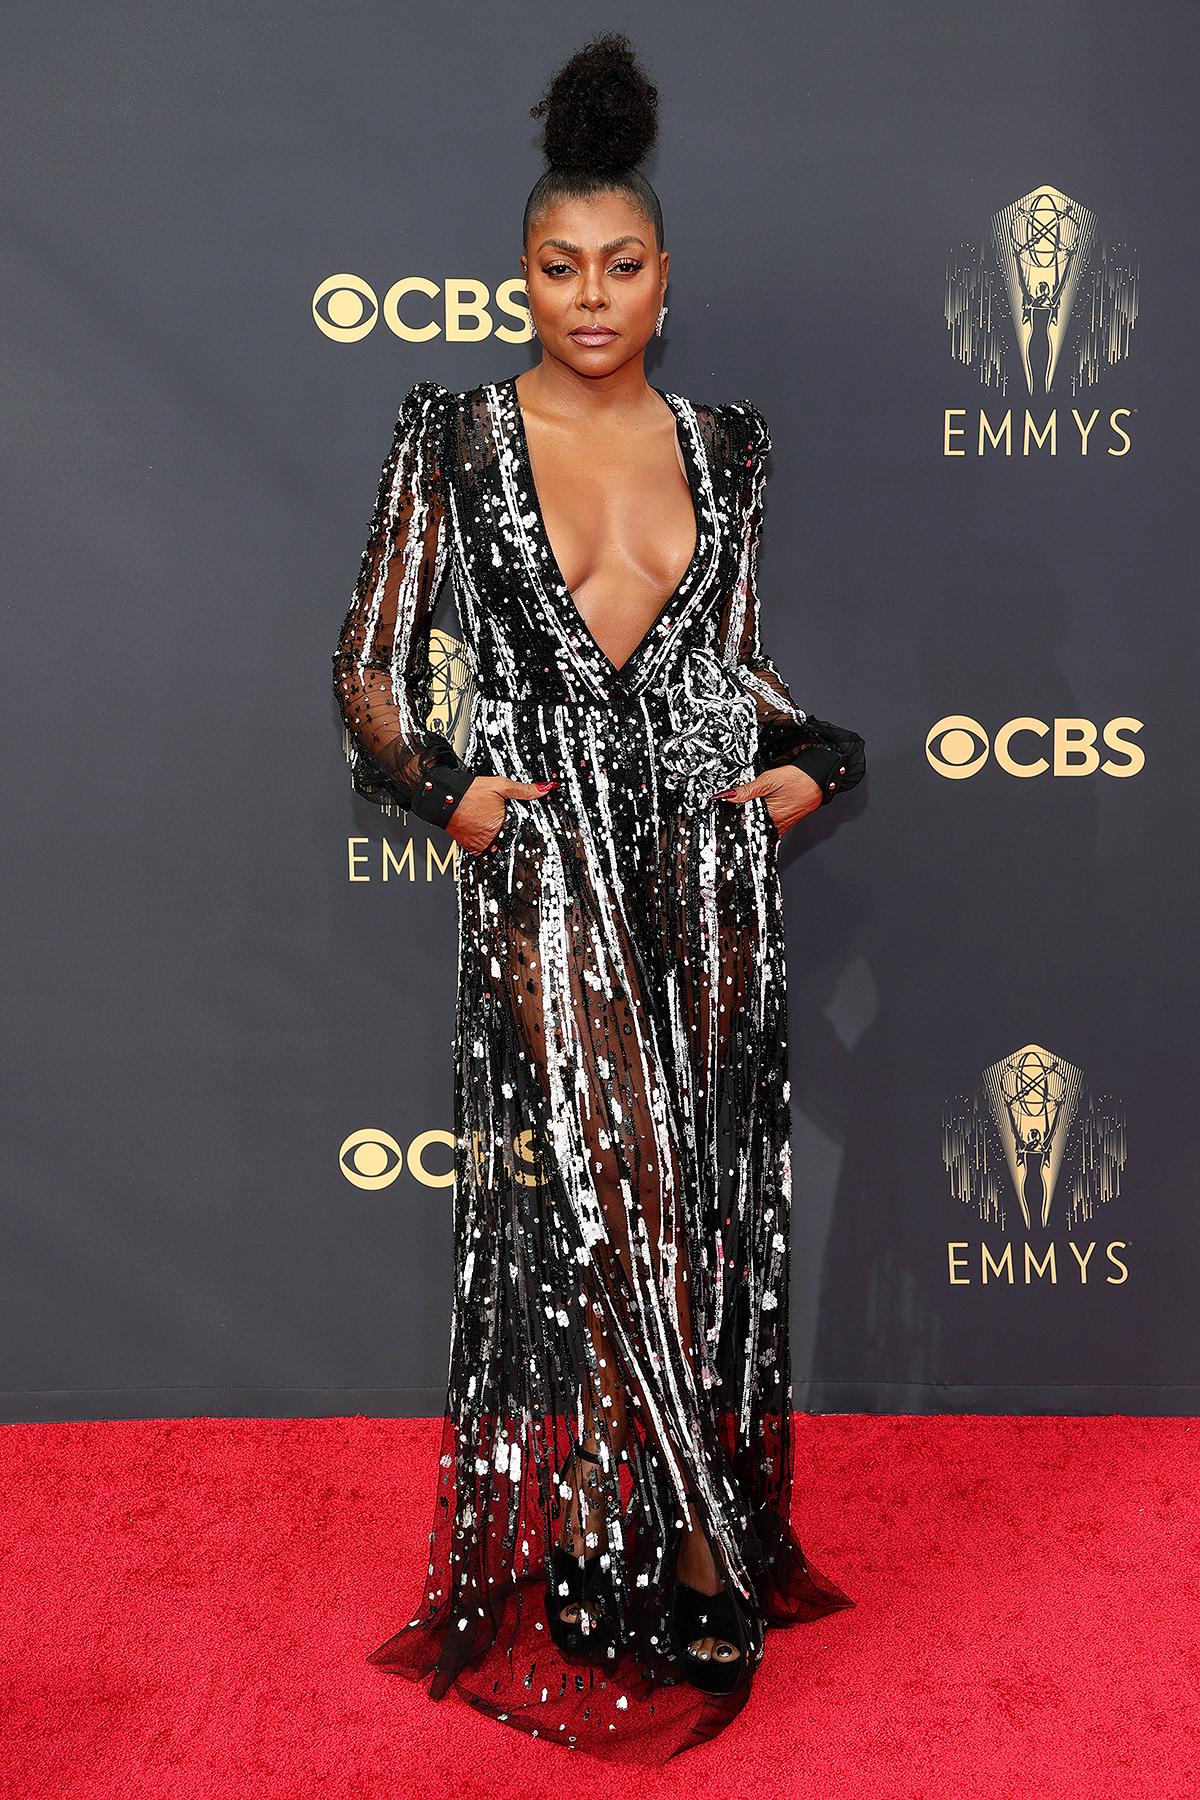 Dàn mỹ nhân chuộng màu nổi, hở bạo trên thảm đỏ Emmy